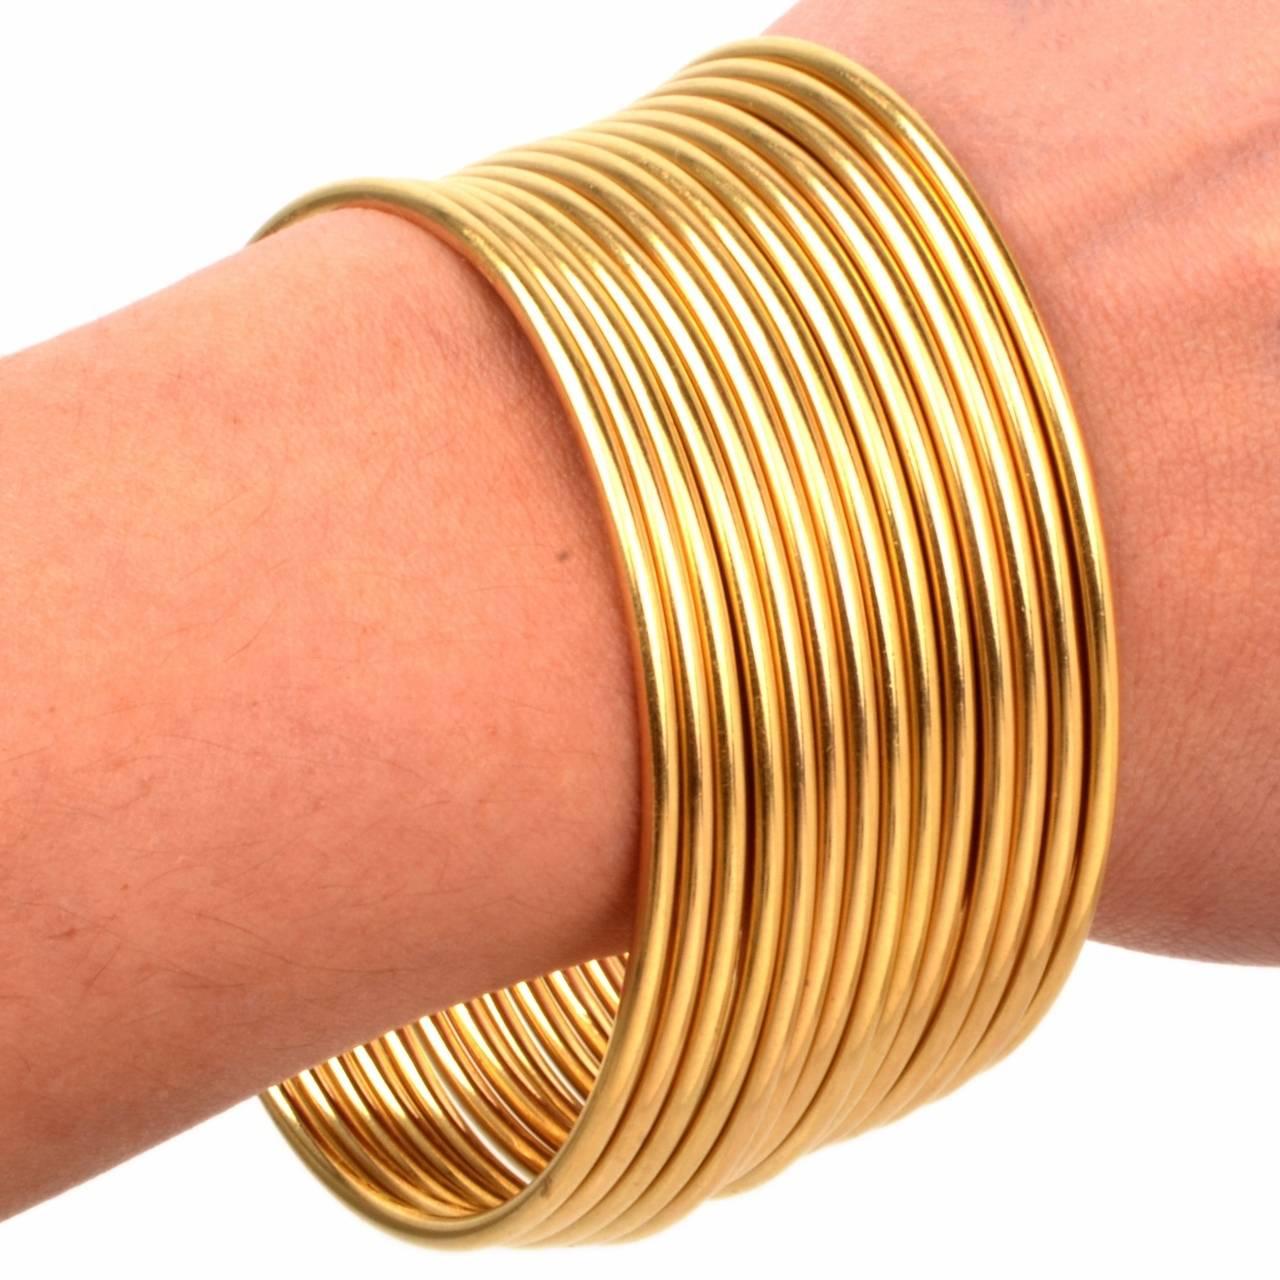 Stackable Gold Bangle Bracelets Set of 12 6